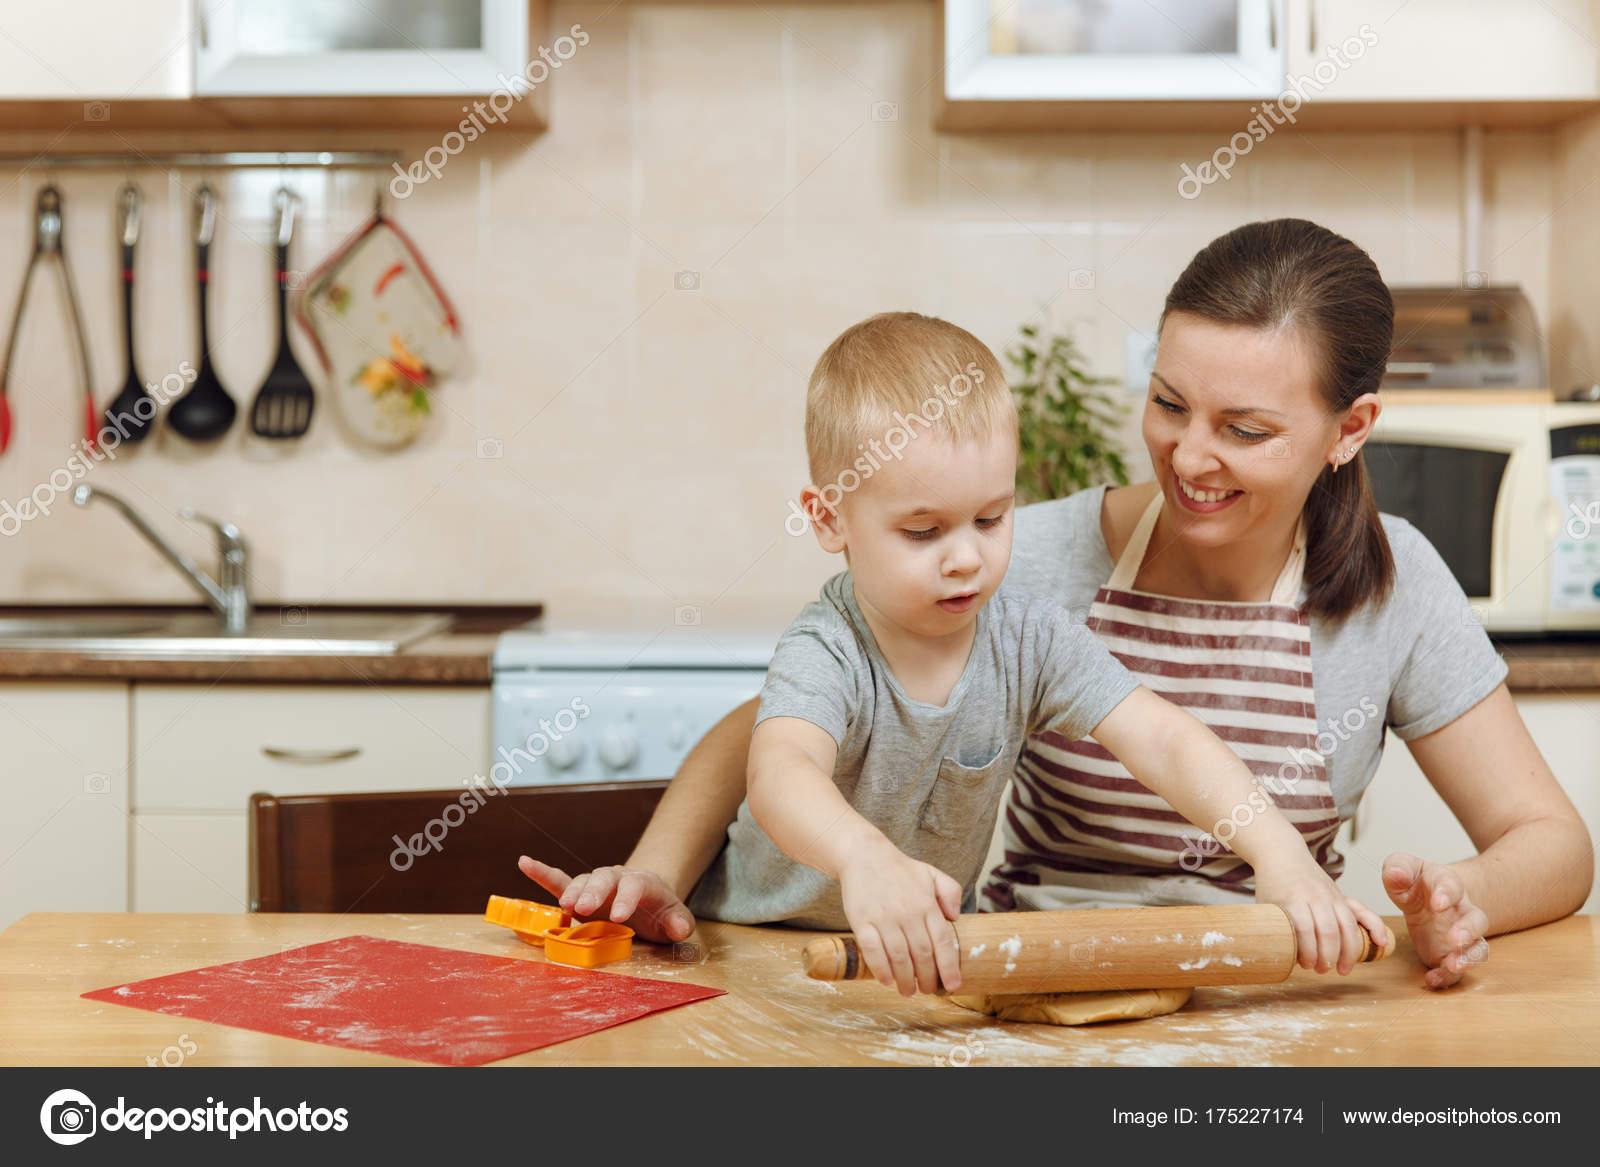 Чем занять ребёнка на кухне?